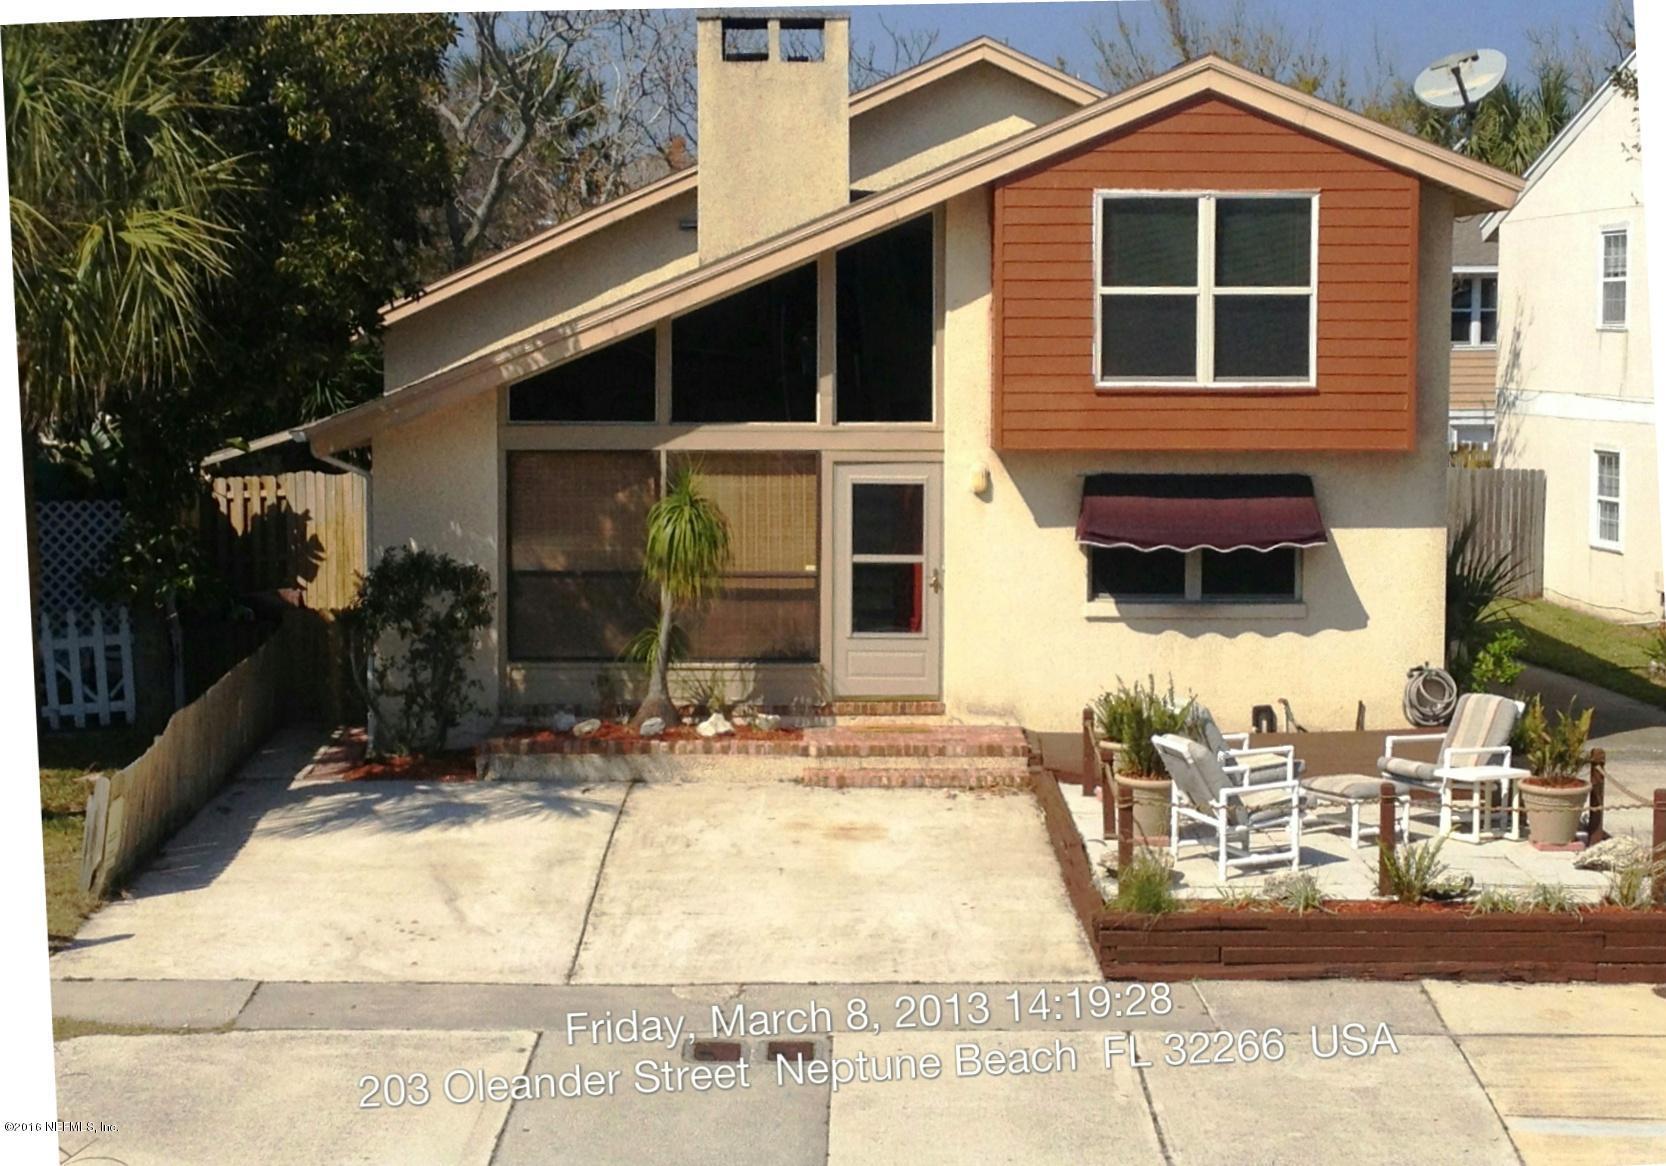 204 OLEANDER,NEPTUNE BEACH,FLORIDA 32266,4 Bedrooms Bedrooms,4 BathroomsBathrooms,Residential - single family,OLEANDER,859565